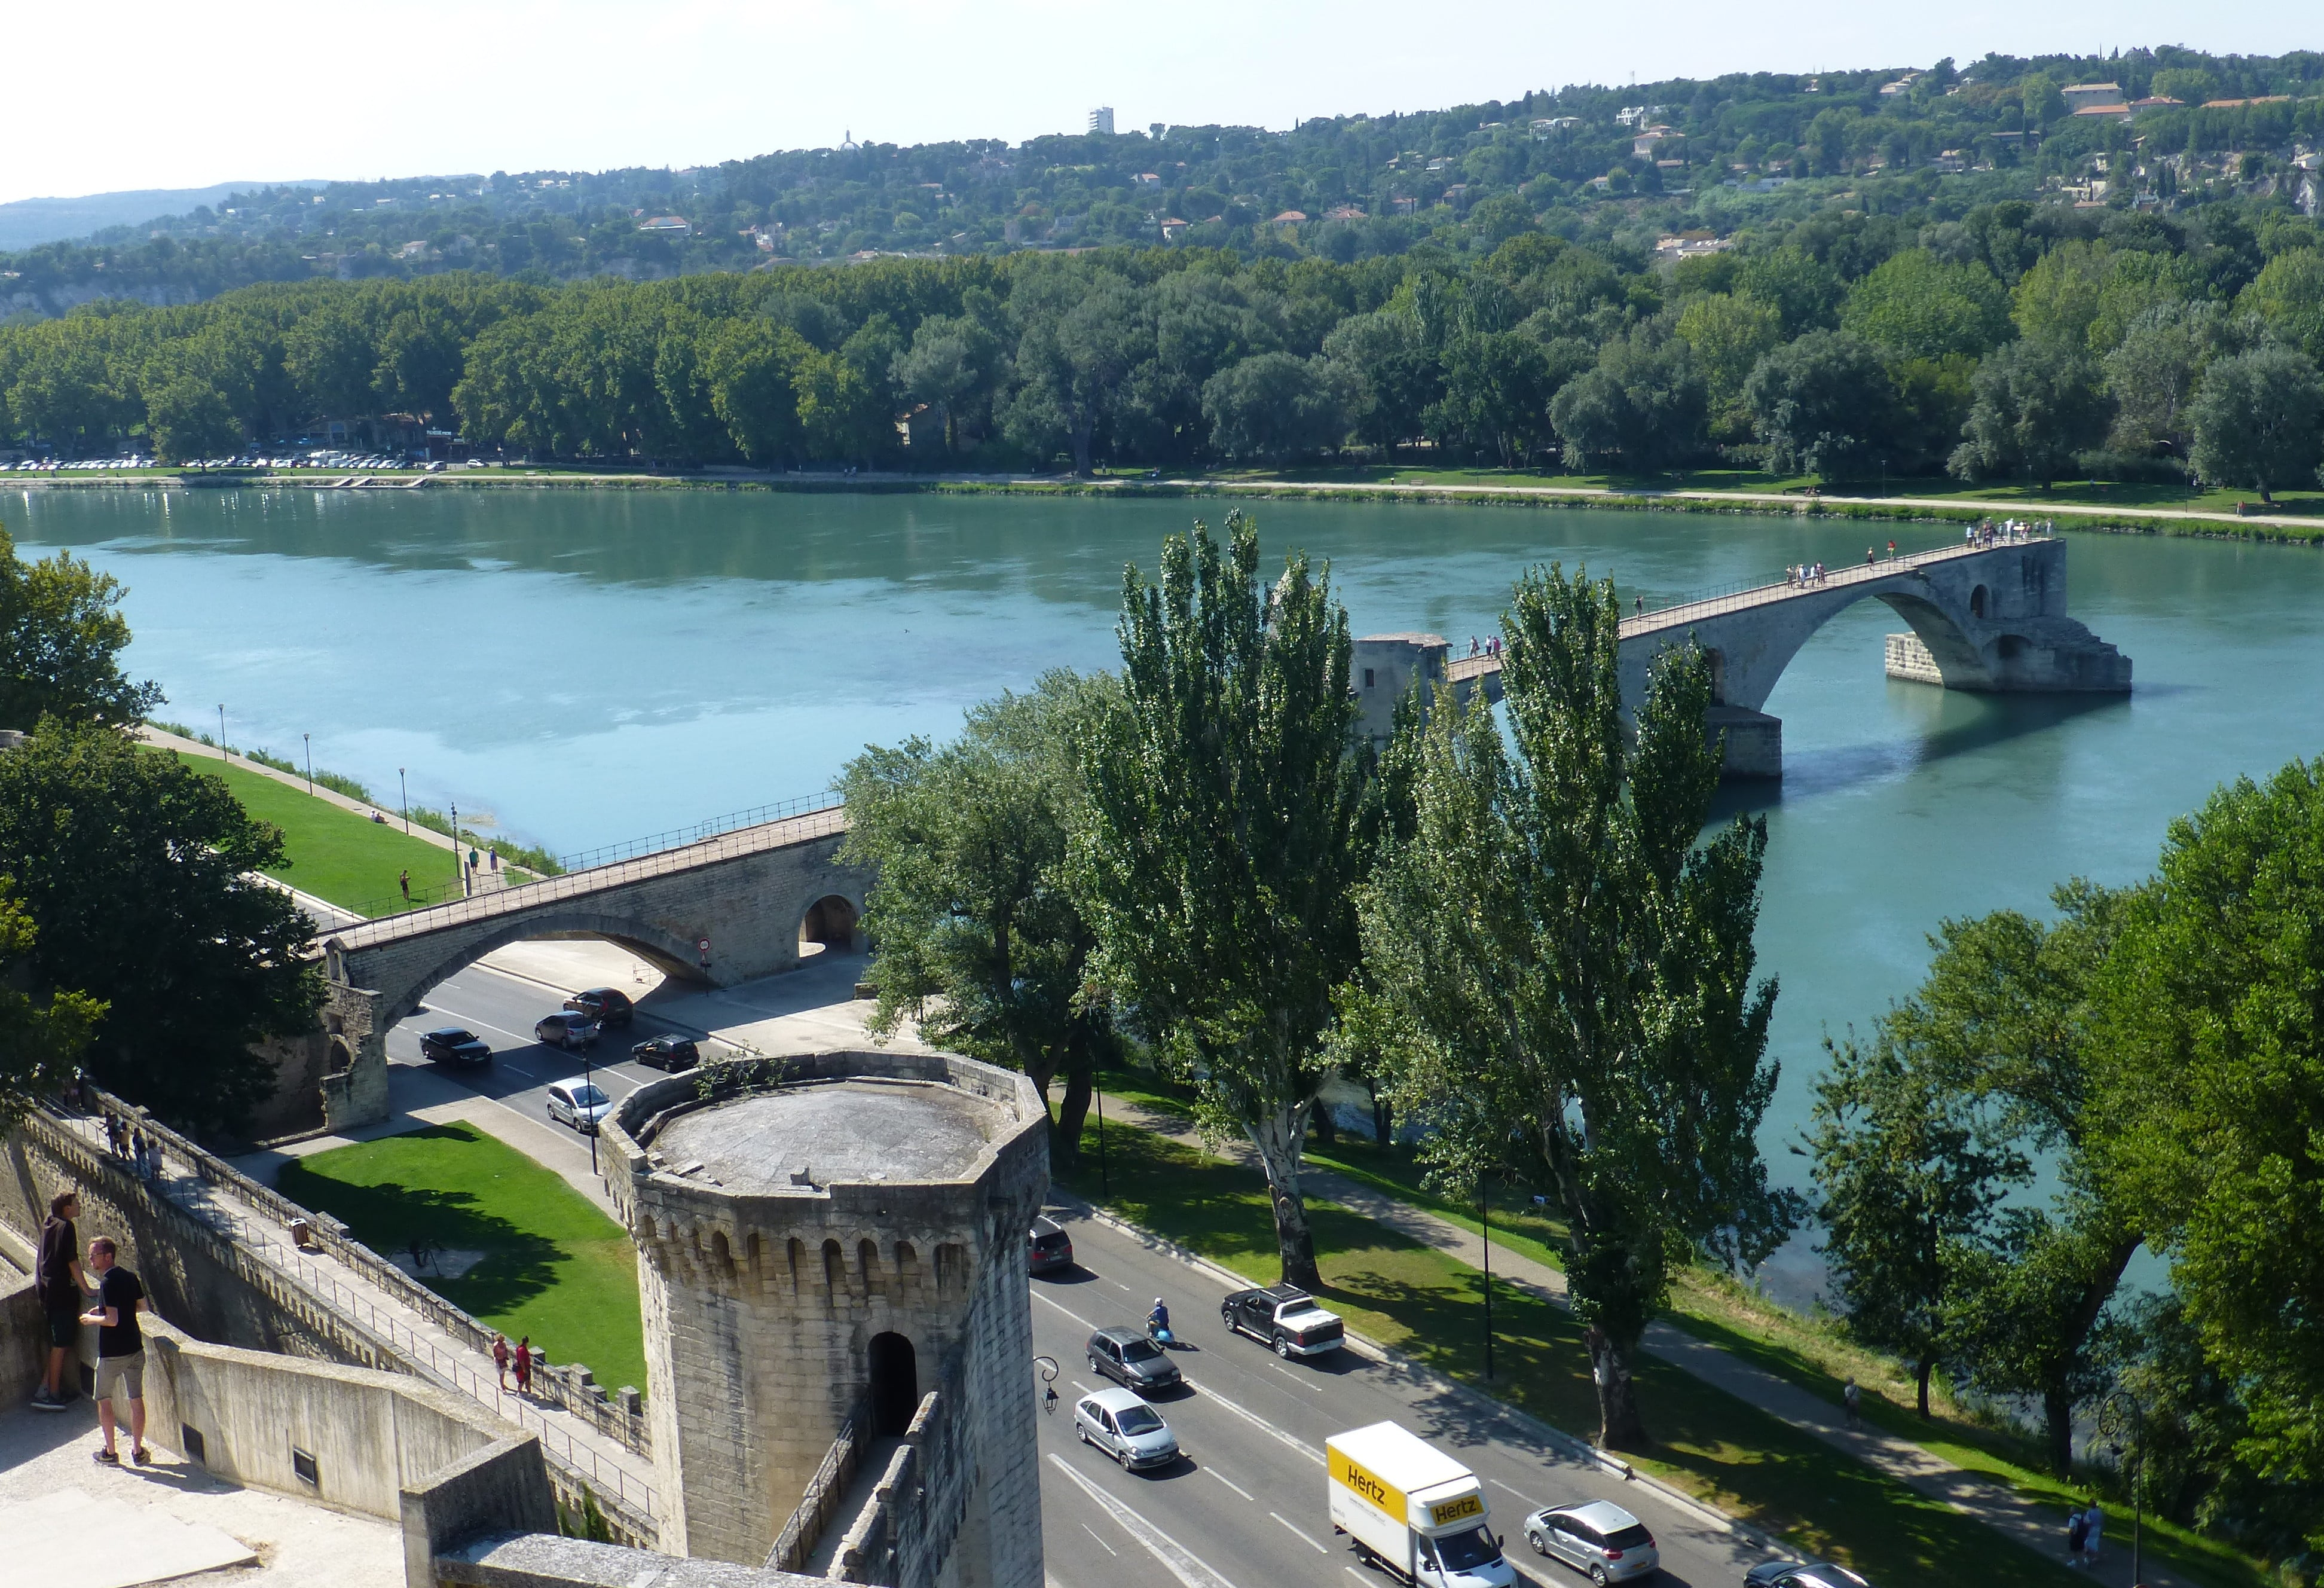 Un puente que no lleva a ningún sitio: el puente de Aviñón (Avignon)